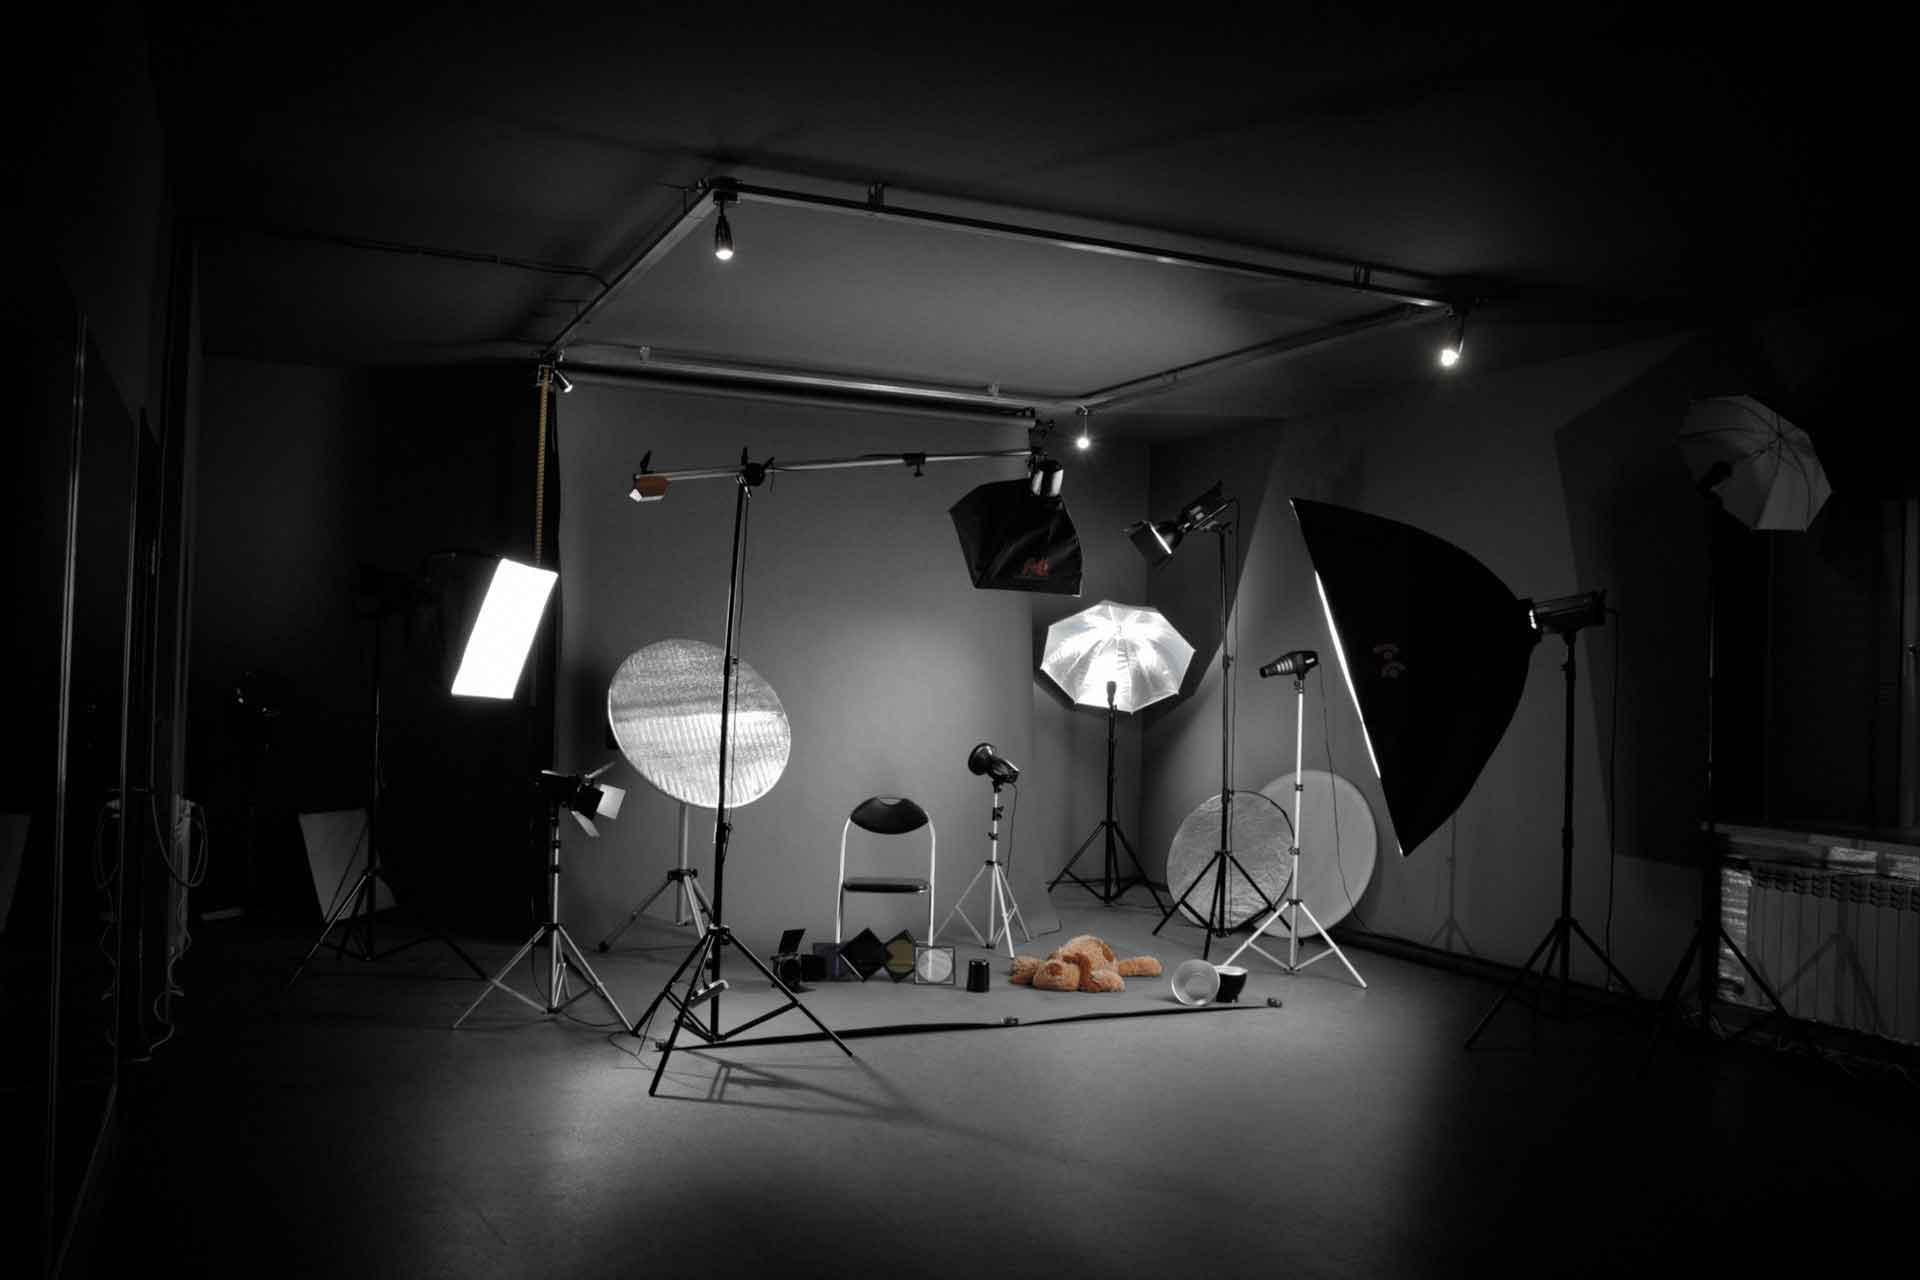 это фотостудия в спб со светом сверху владелец приусадебного